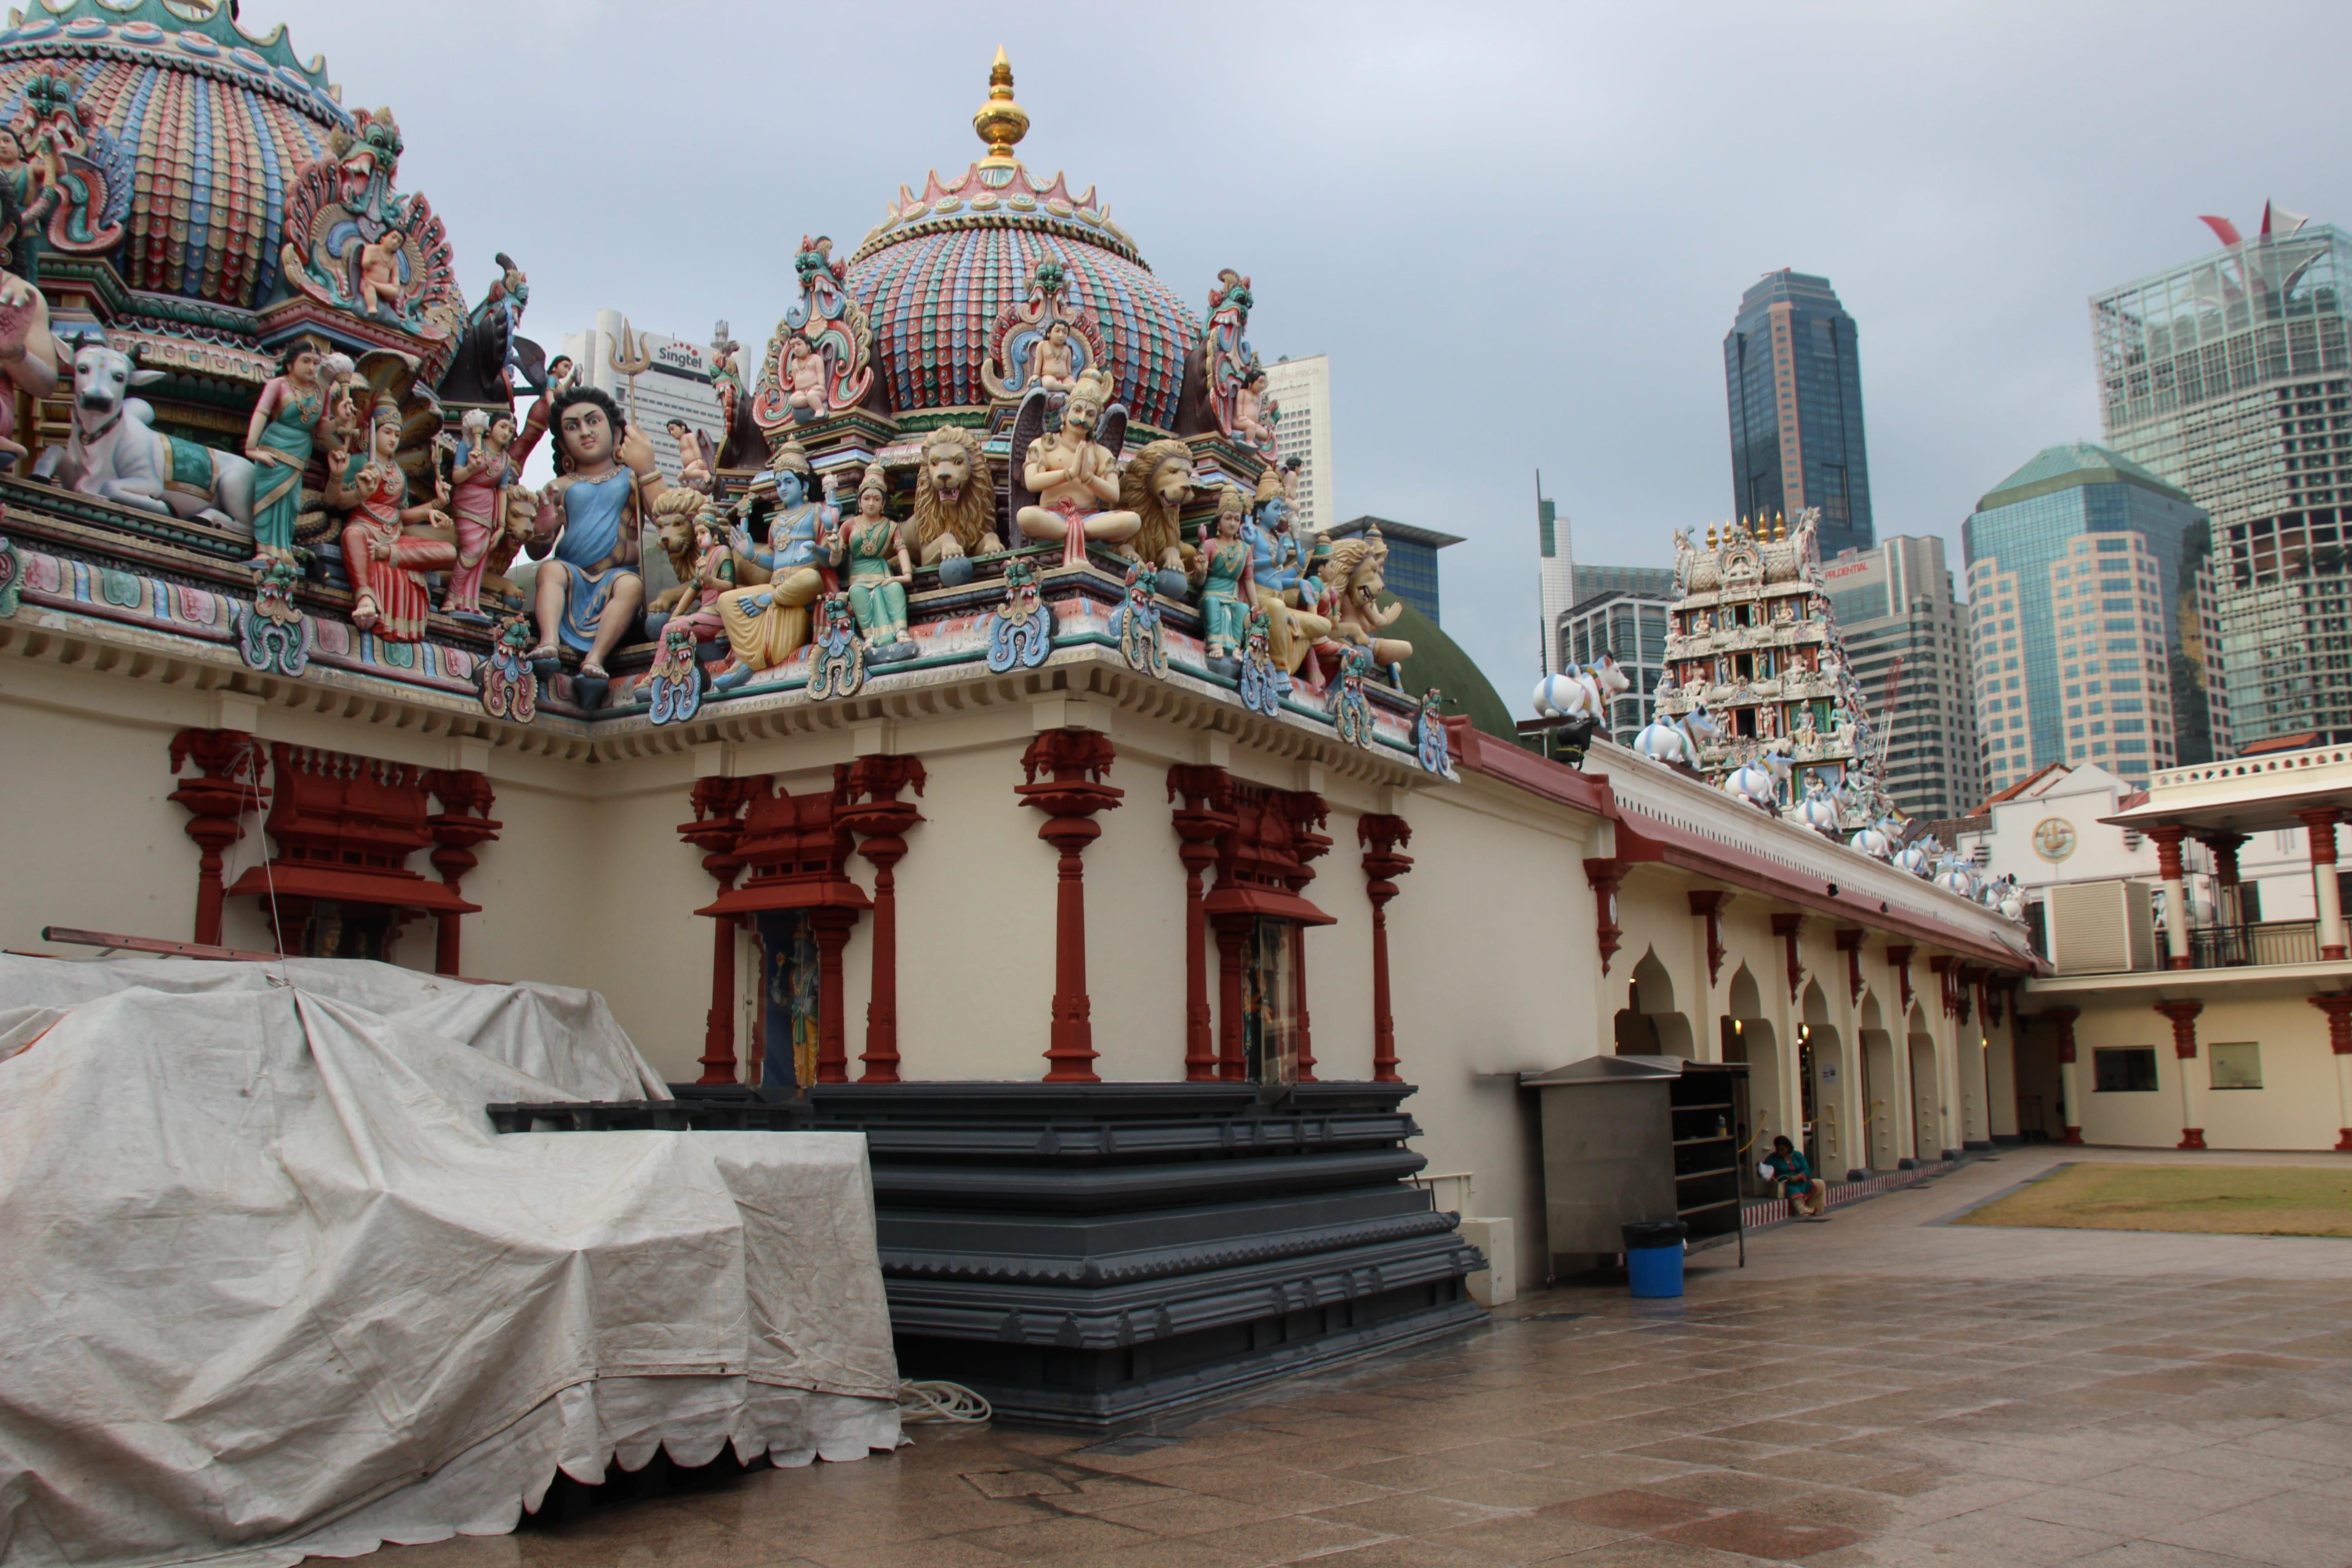 đền sri mariammam là một trong những điểm đến ở singapore cho hội độc thân